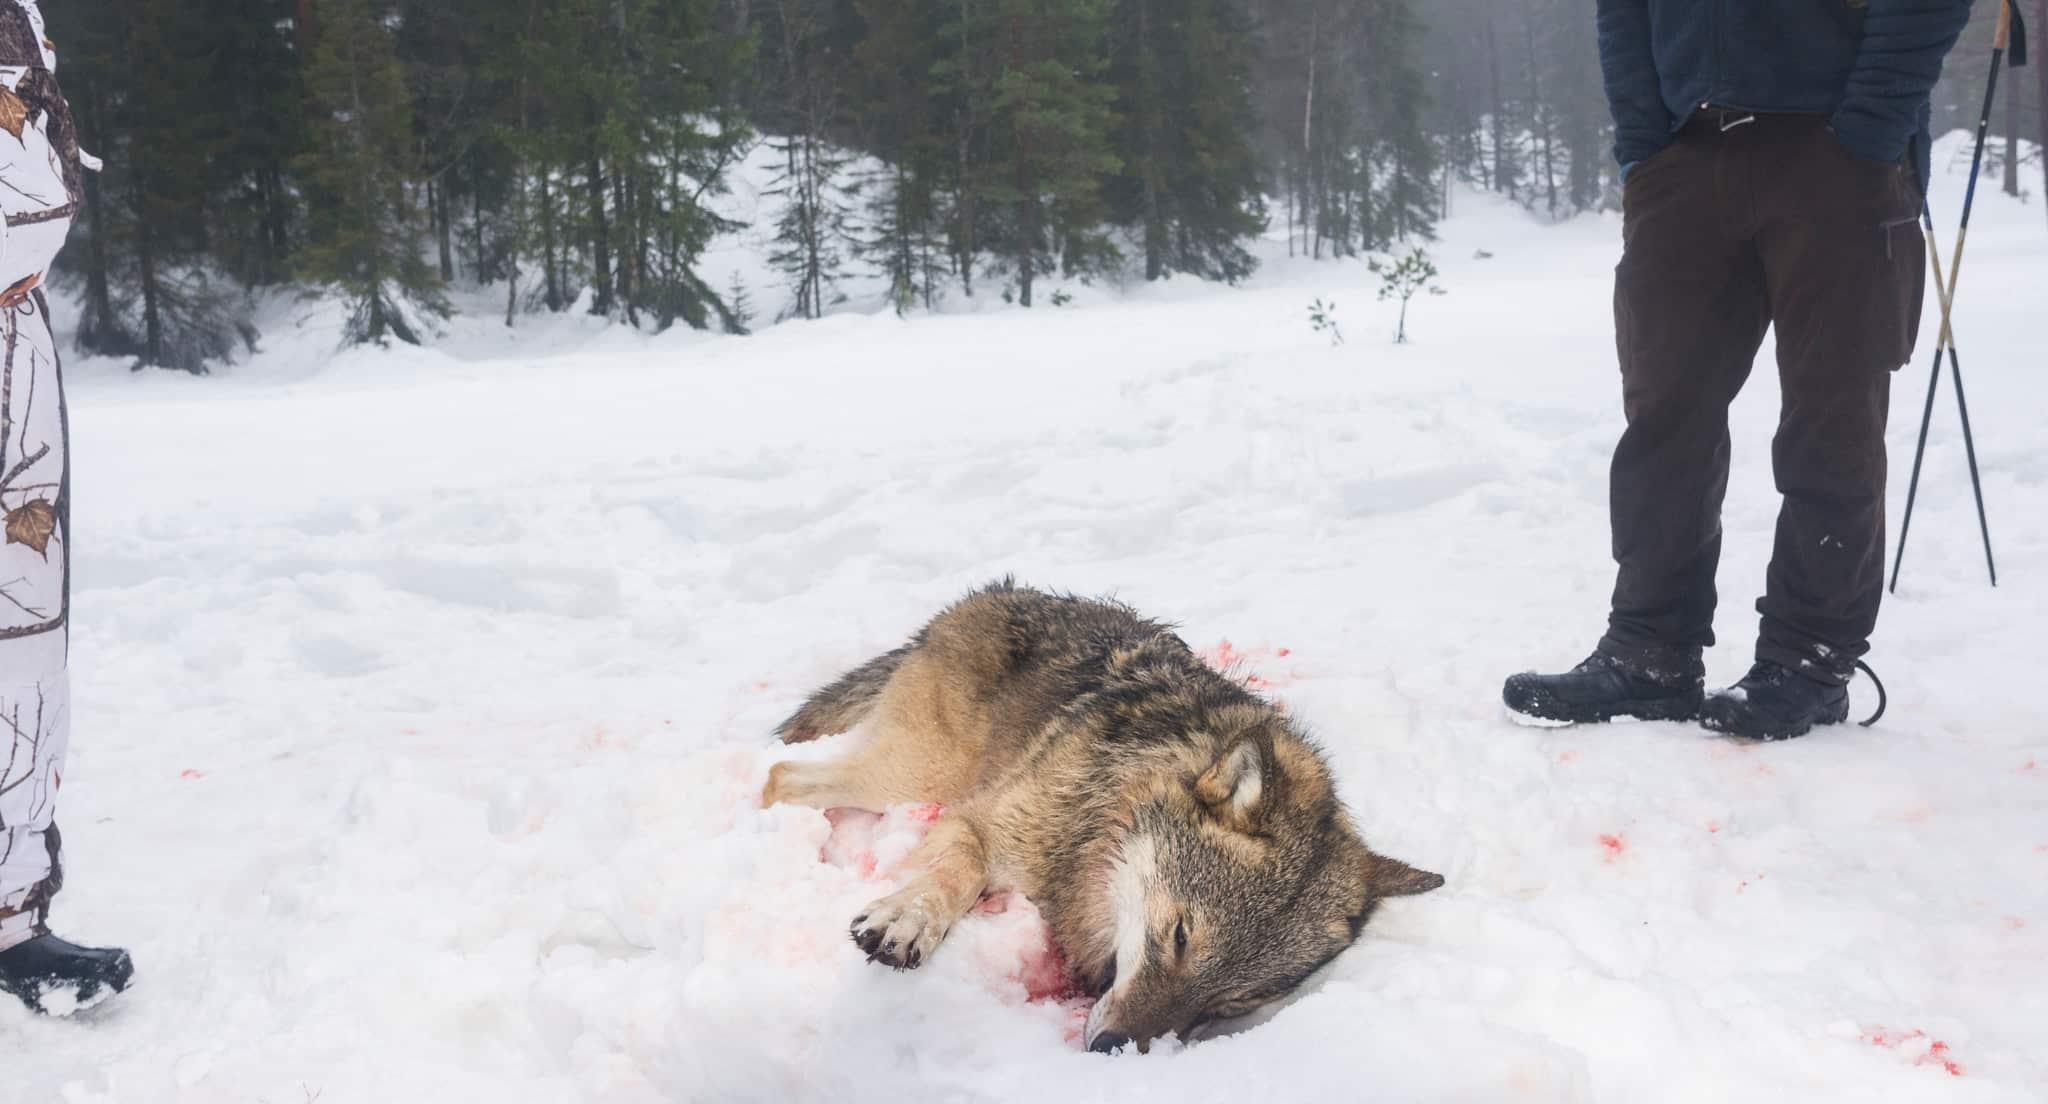 Hanvarg skjuten i Norge på ordinarie licensjakt en tidigare vinter. Foto: Kjell-Erik Moseid